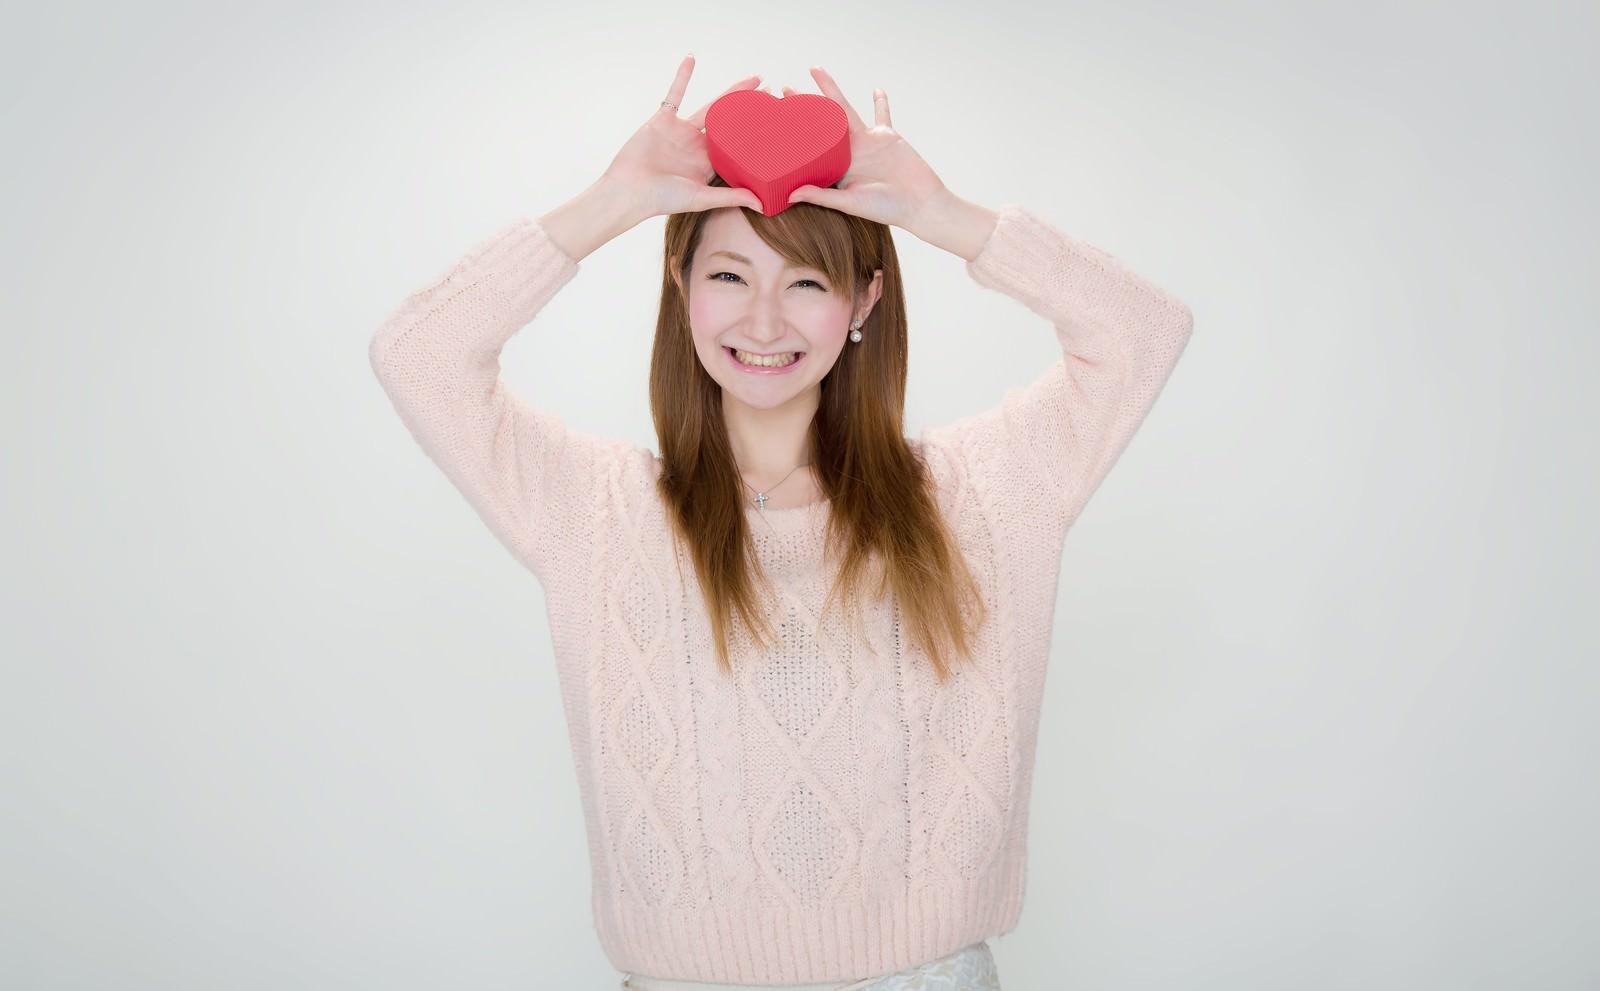 「「じゃじゃーん!」ハート形のプレゼントを見せる女の子」の写真[モデル:to-ko]